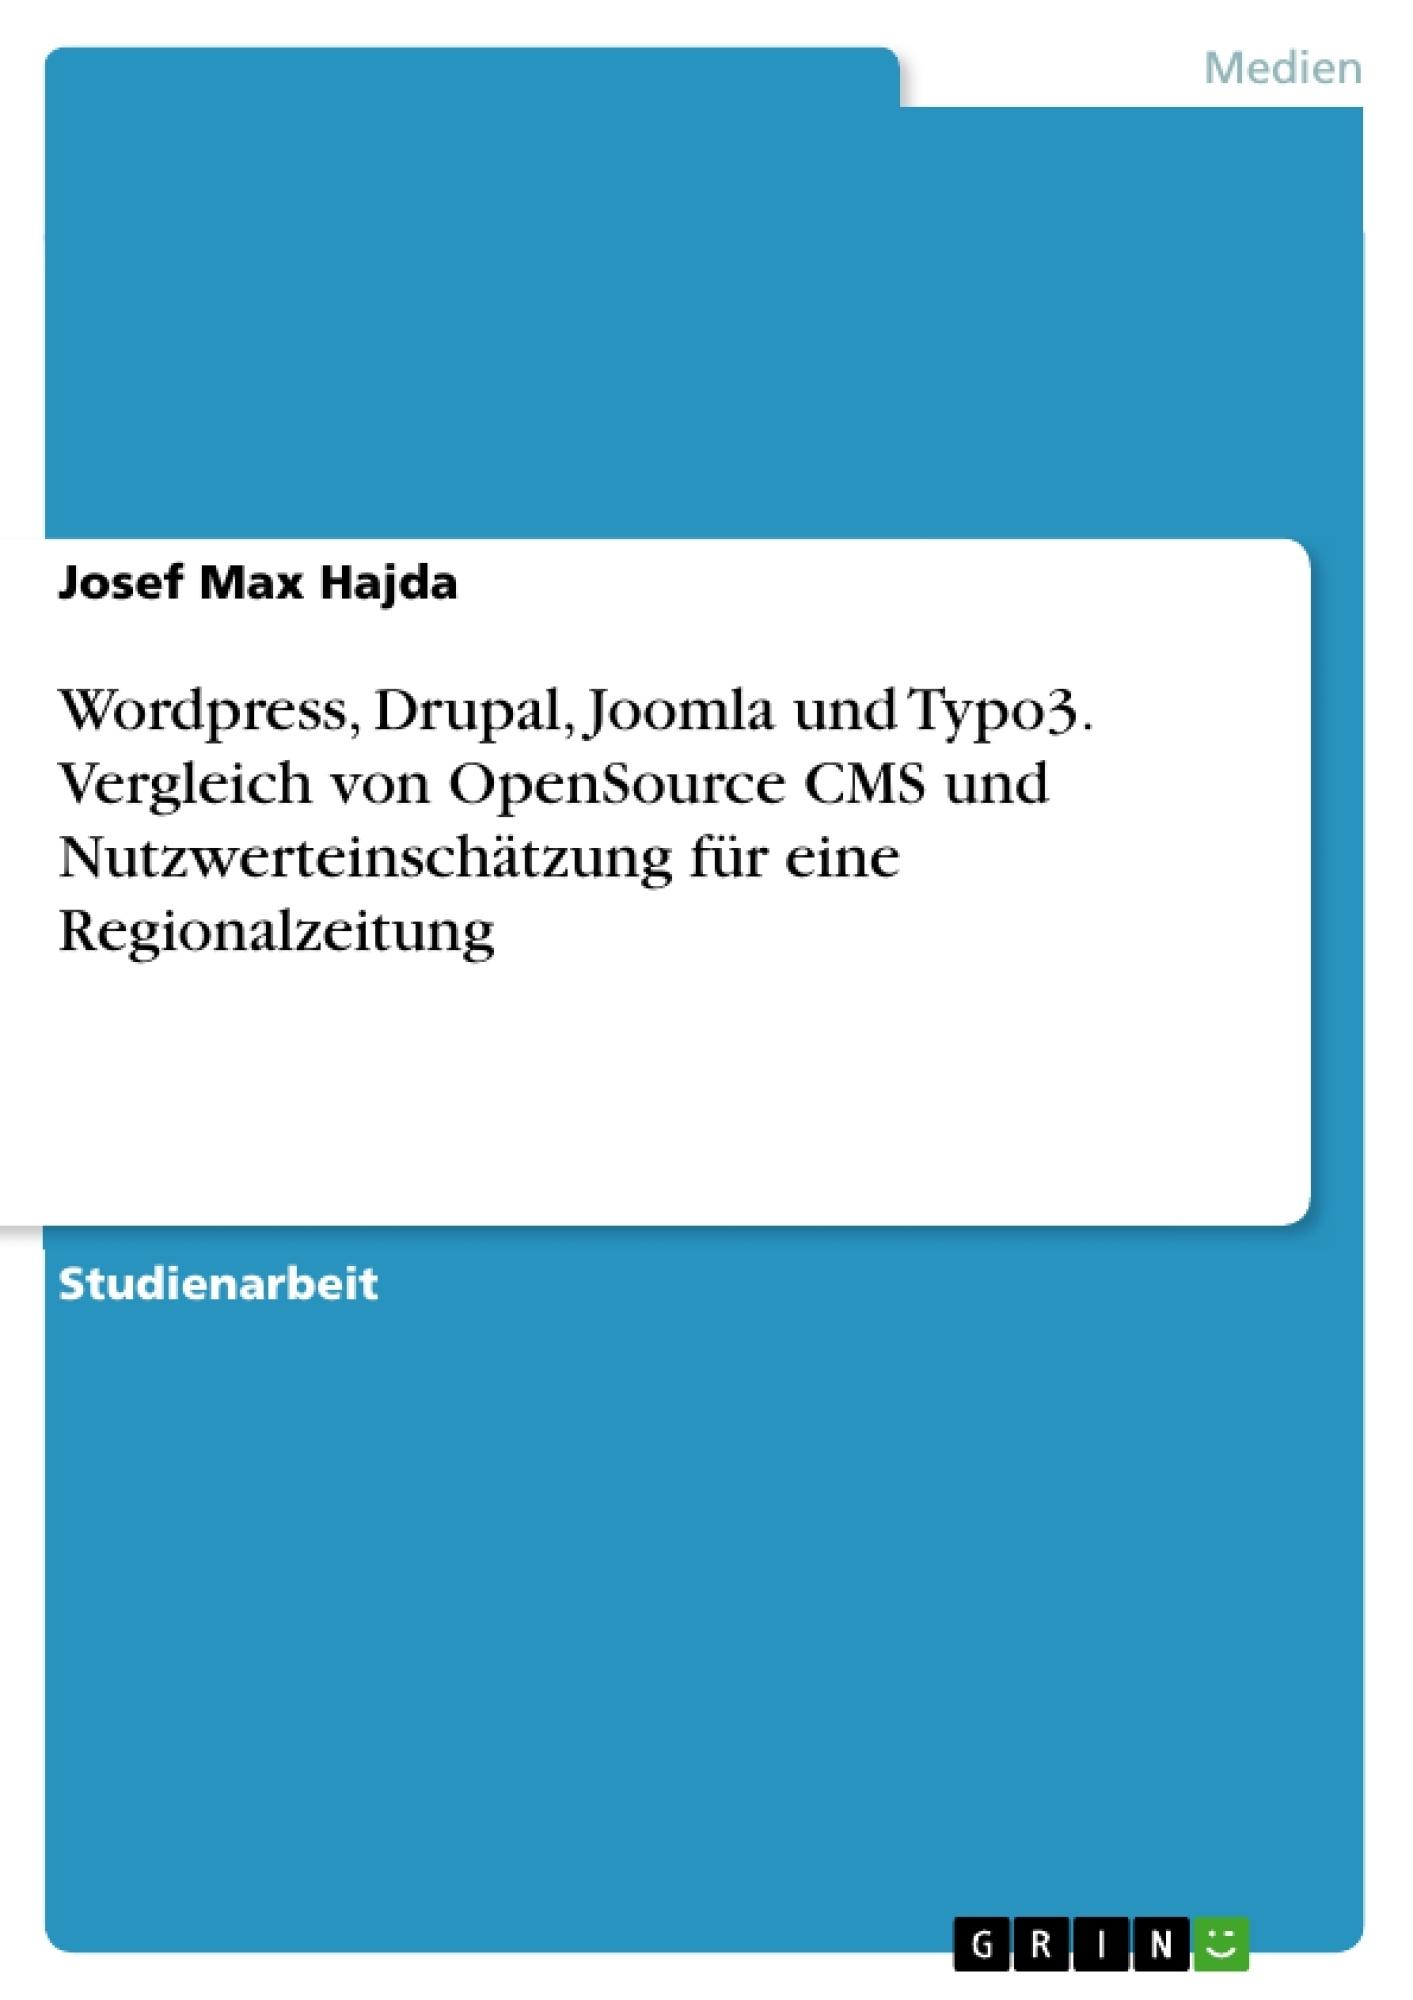 Titel: Wordpress, Drupal, Joomla und Typo3. Vergleich von OpenSource CMS und Nutzwerteinschätzung für eine Regionalzeitung